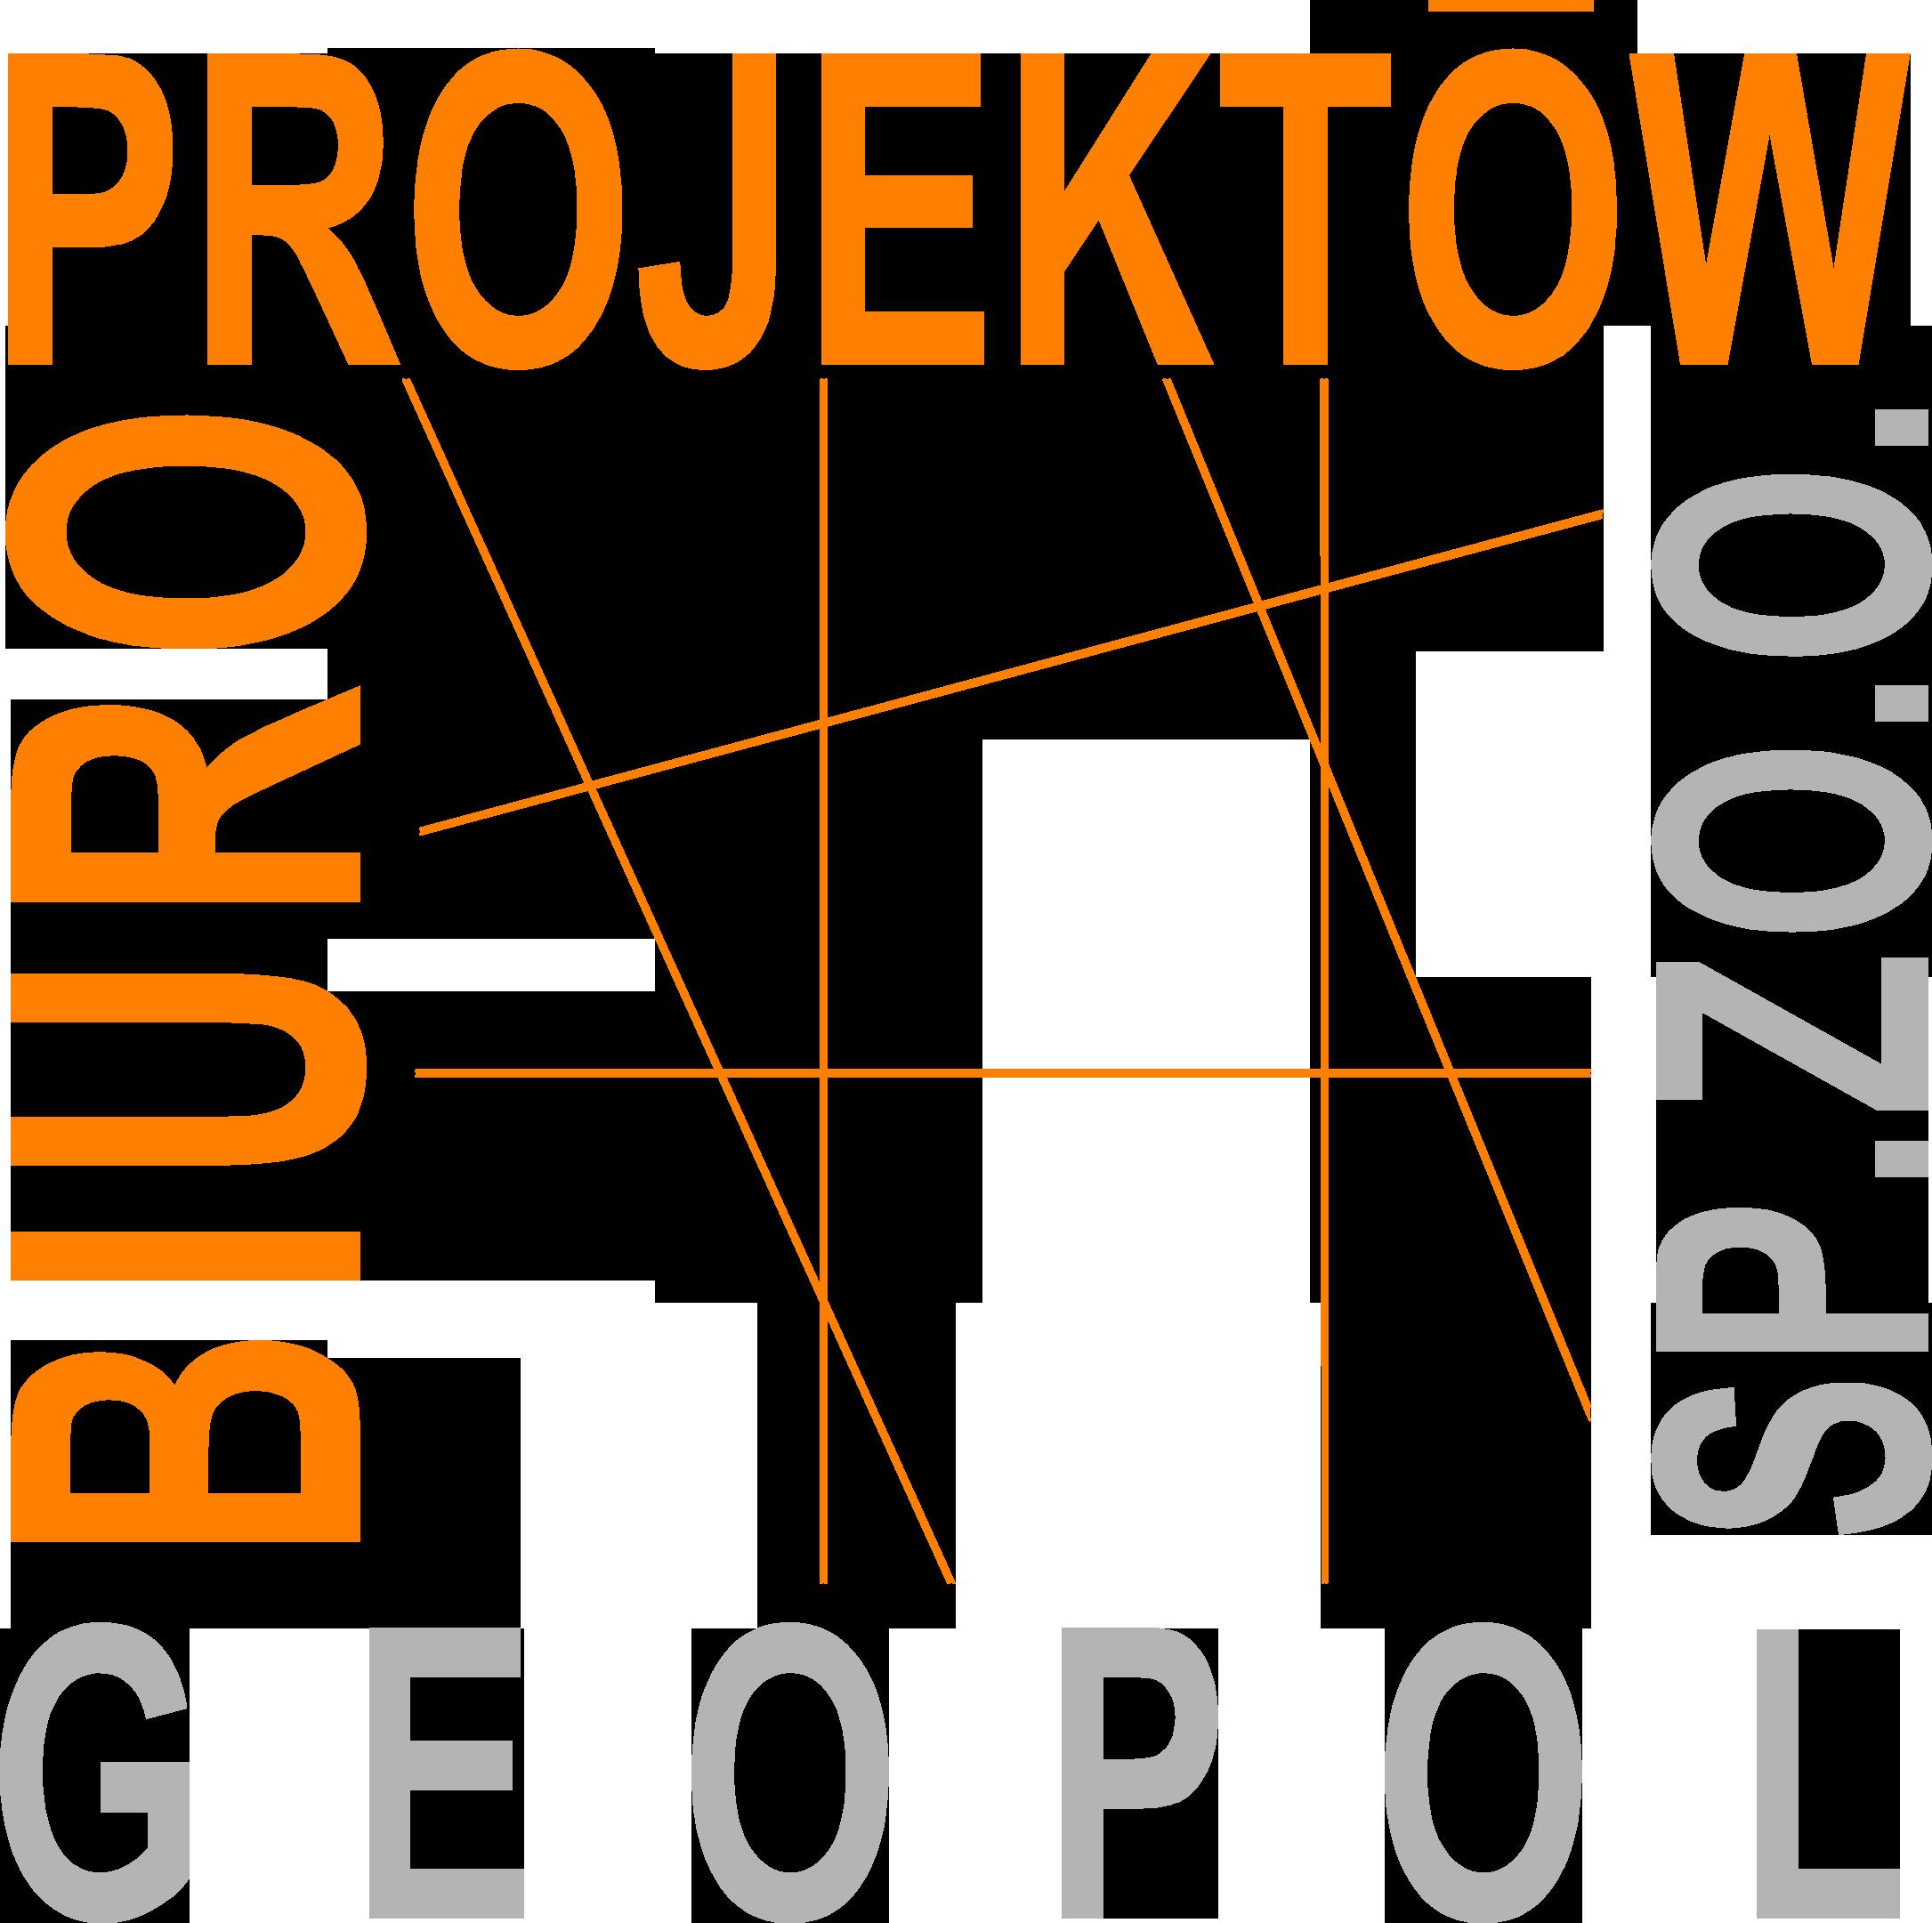 Biuro Projektów Geopol